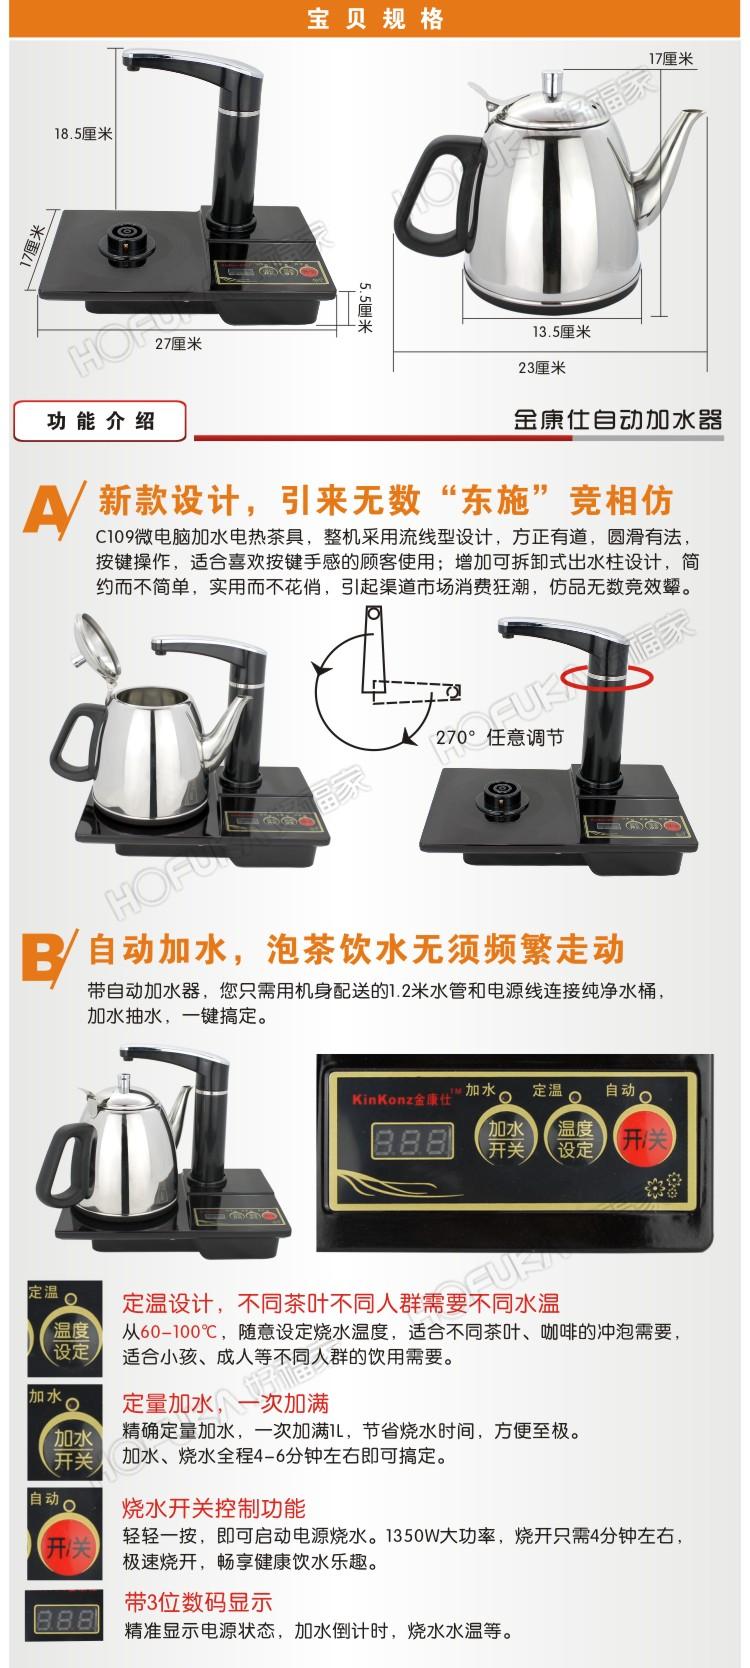 金康仕自动上水电热水壶c109